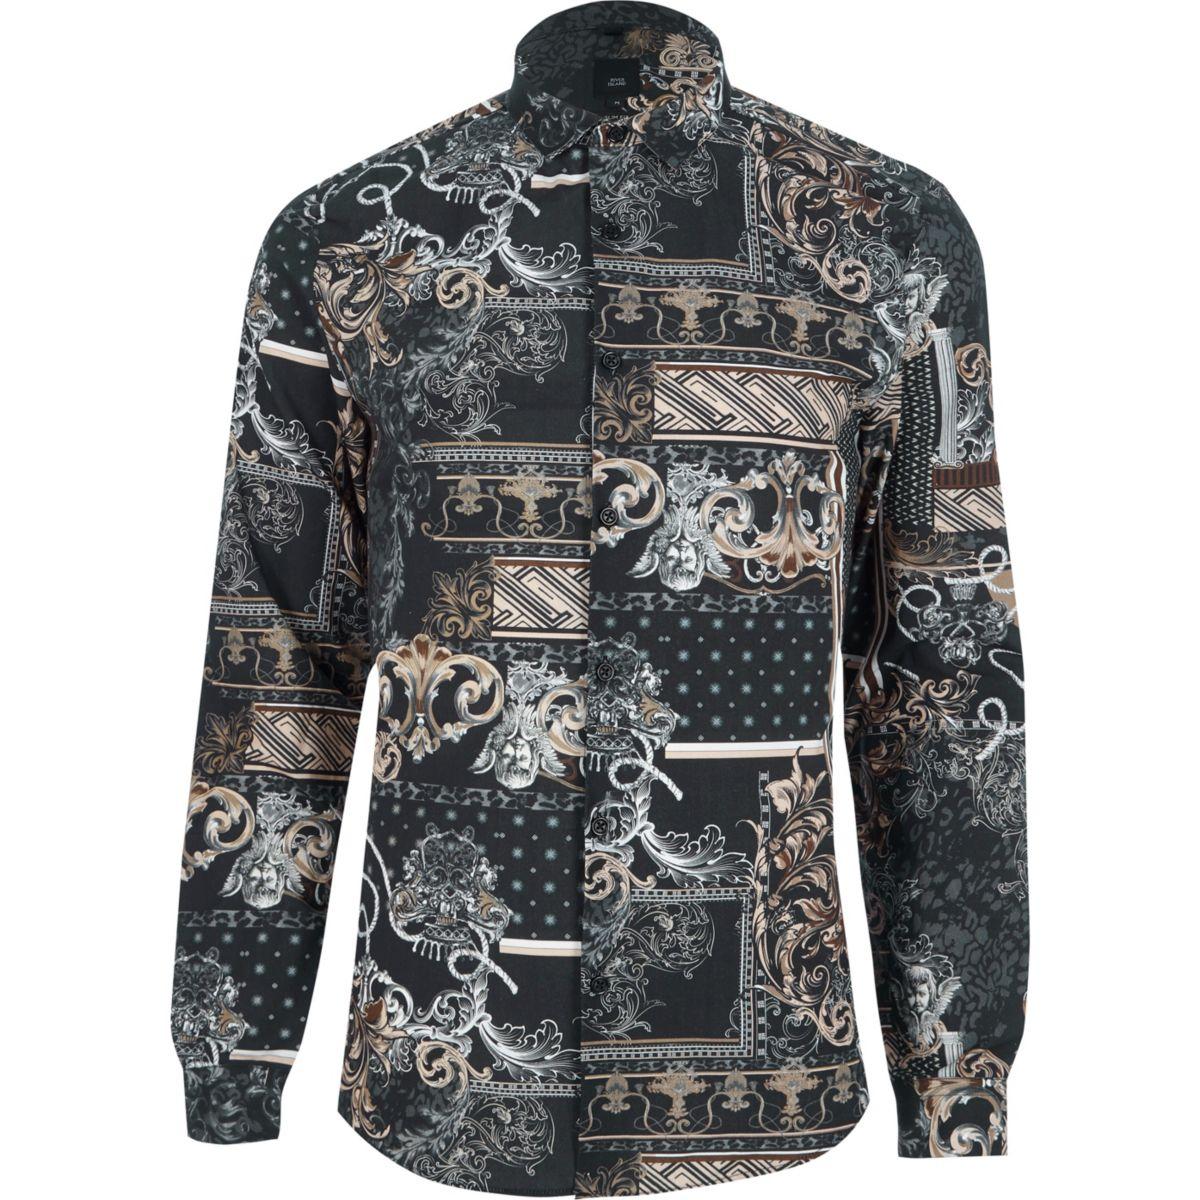 Black baroque print slim fit shirt